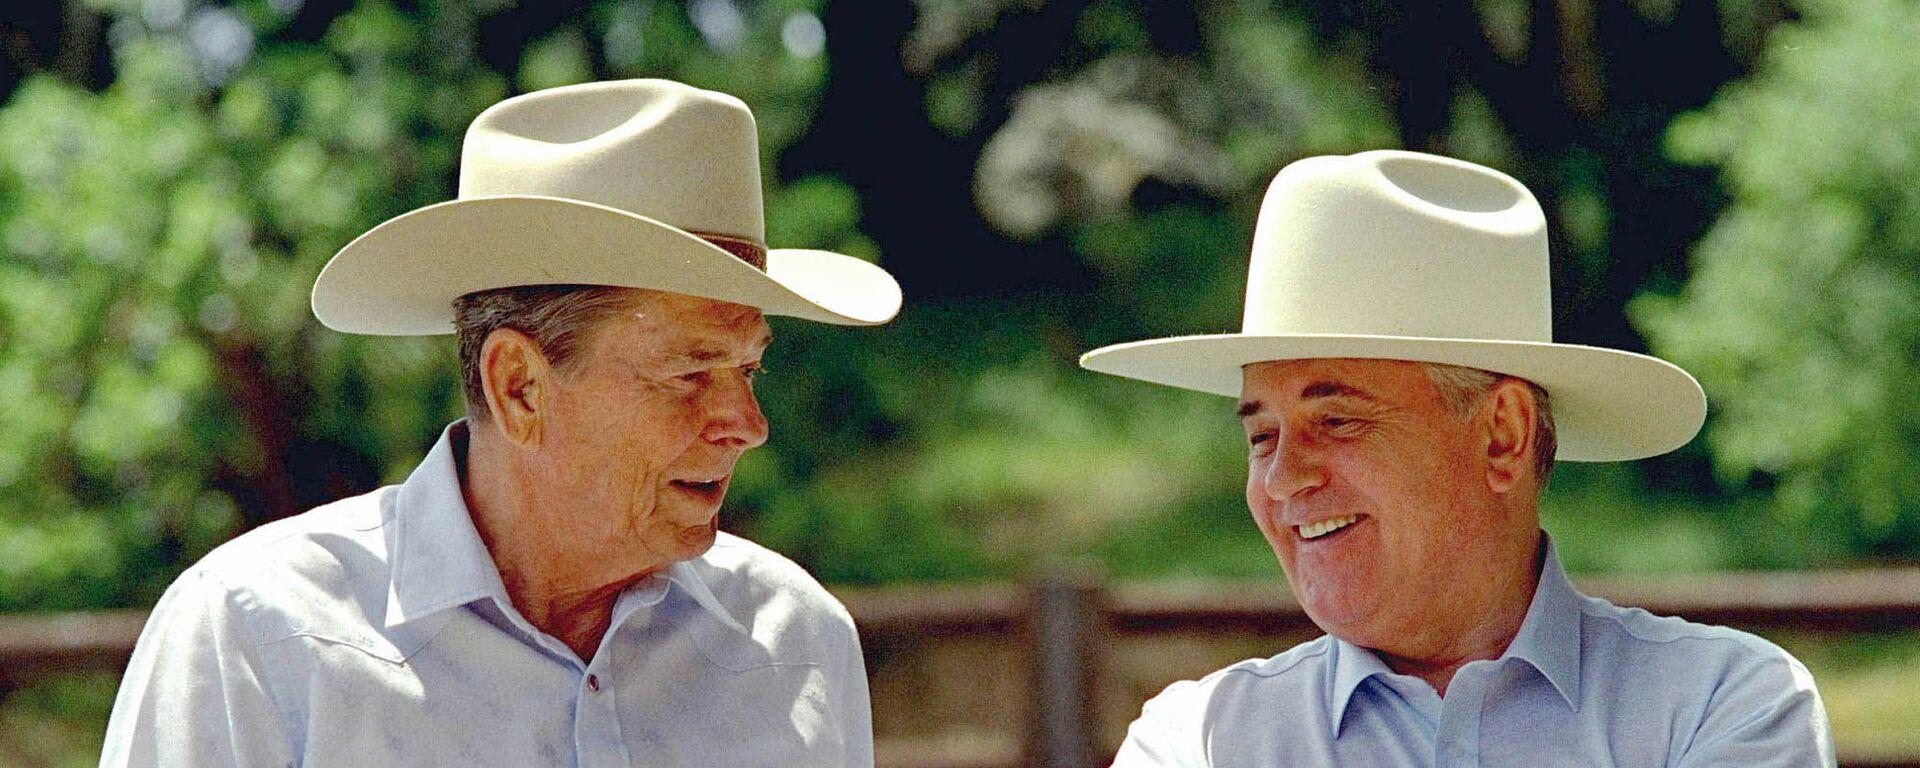 Горбачев и Рейган на ранчо в США в 1992 году - Sputnik Latvija, 1920, 03.06.2021